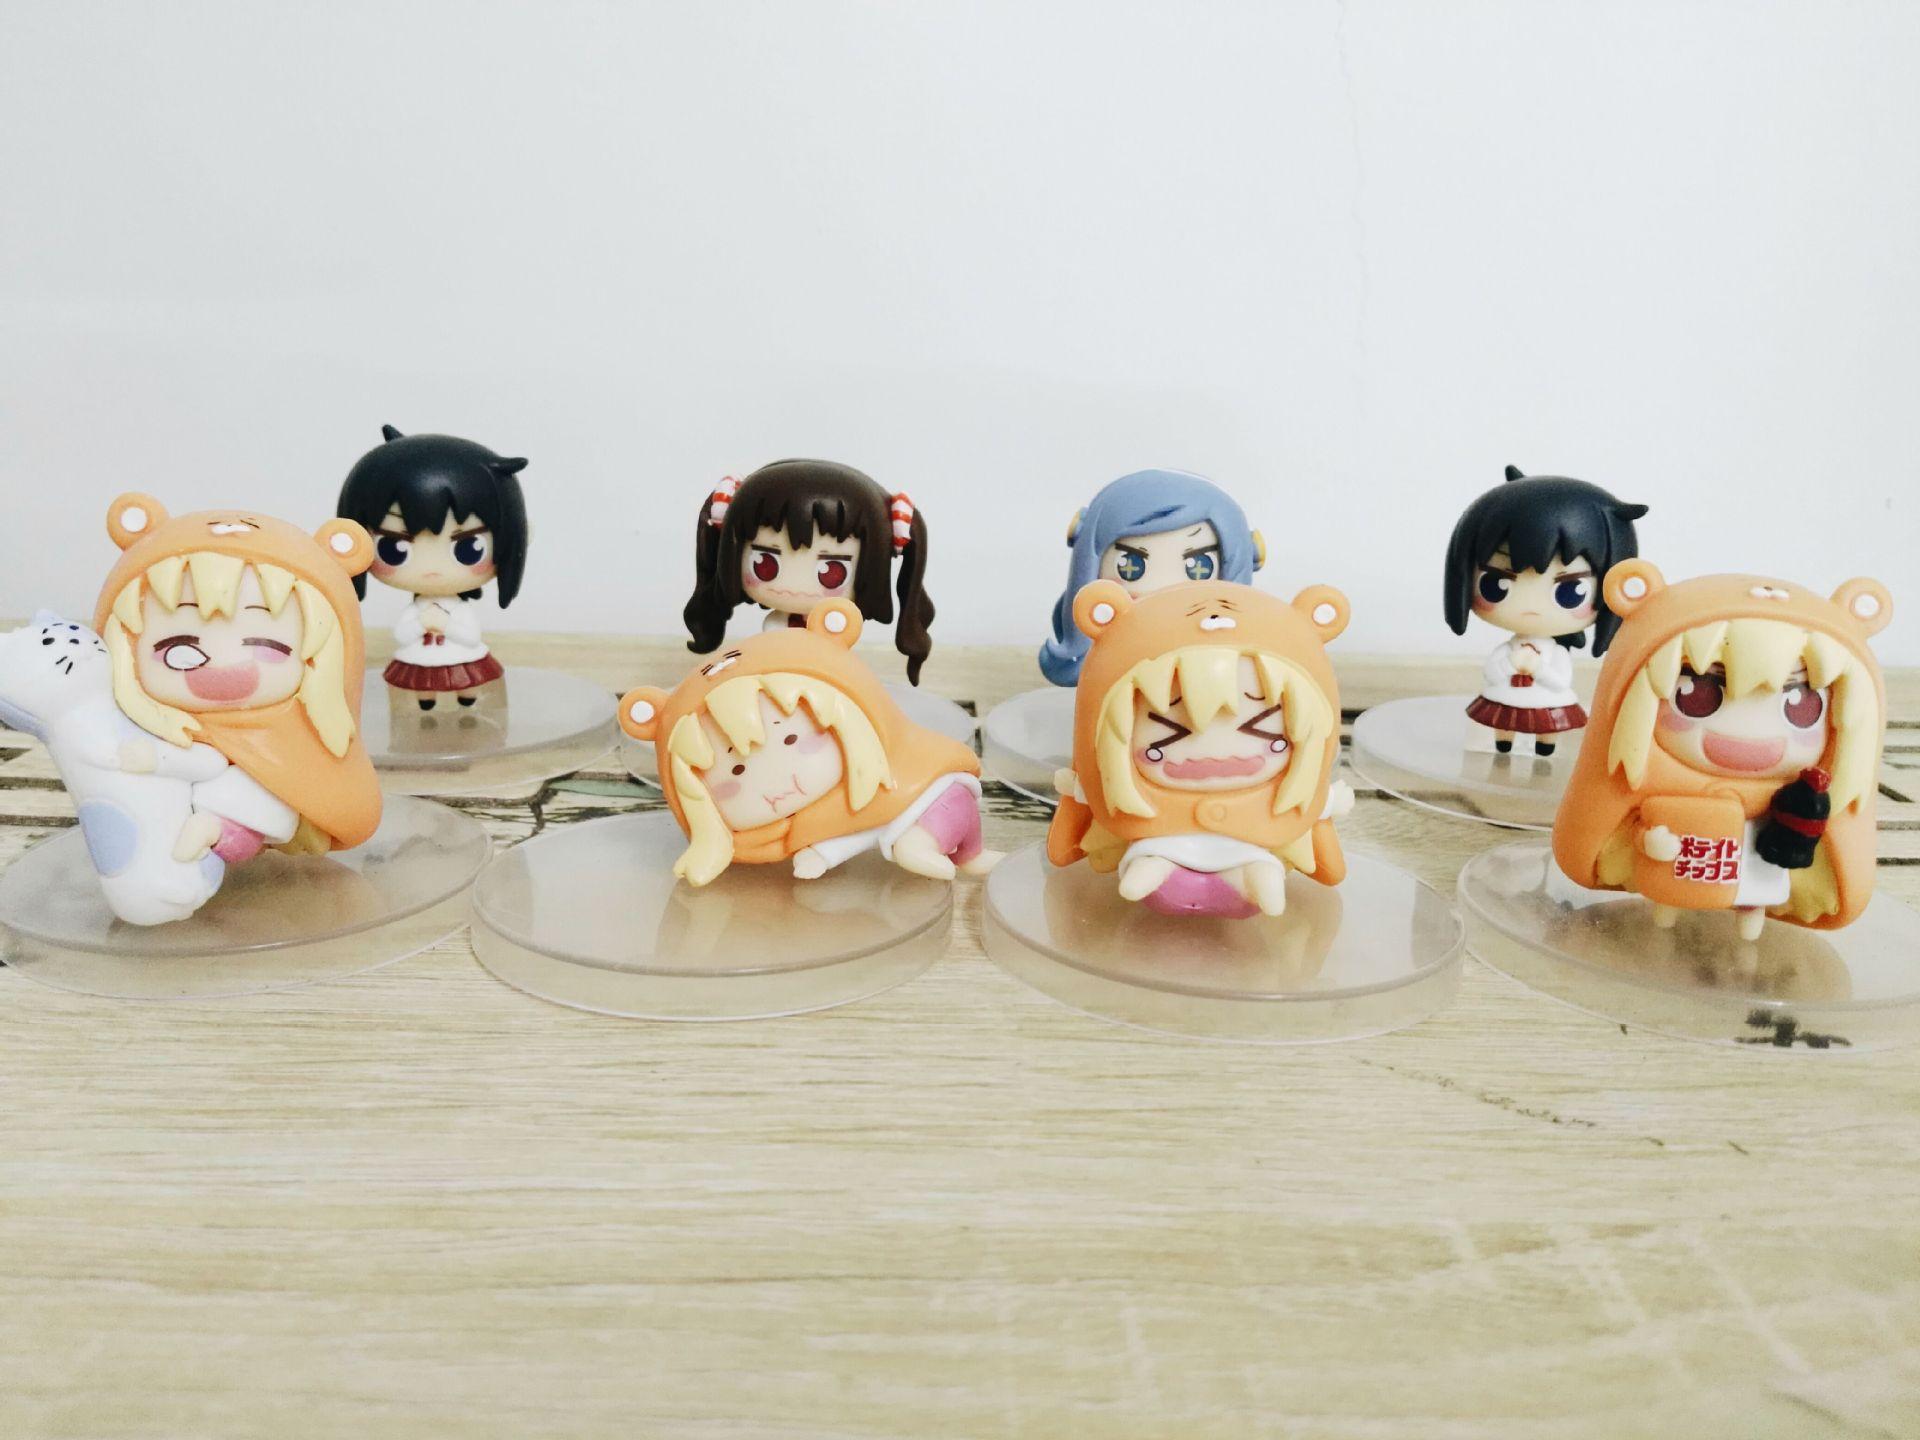 8 unids/set lindo figura de acción GSC Himouto Umaru-chan Umaru doma Motoba Kirie Nanan Ebina 6 ~ 8cm modelo de PVC Q Ver muñeca Anime japonés